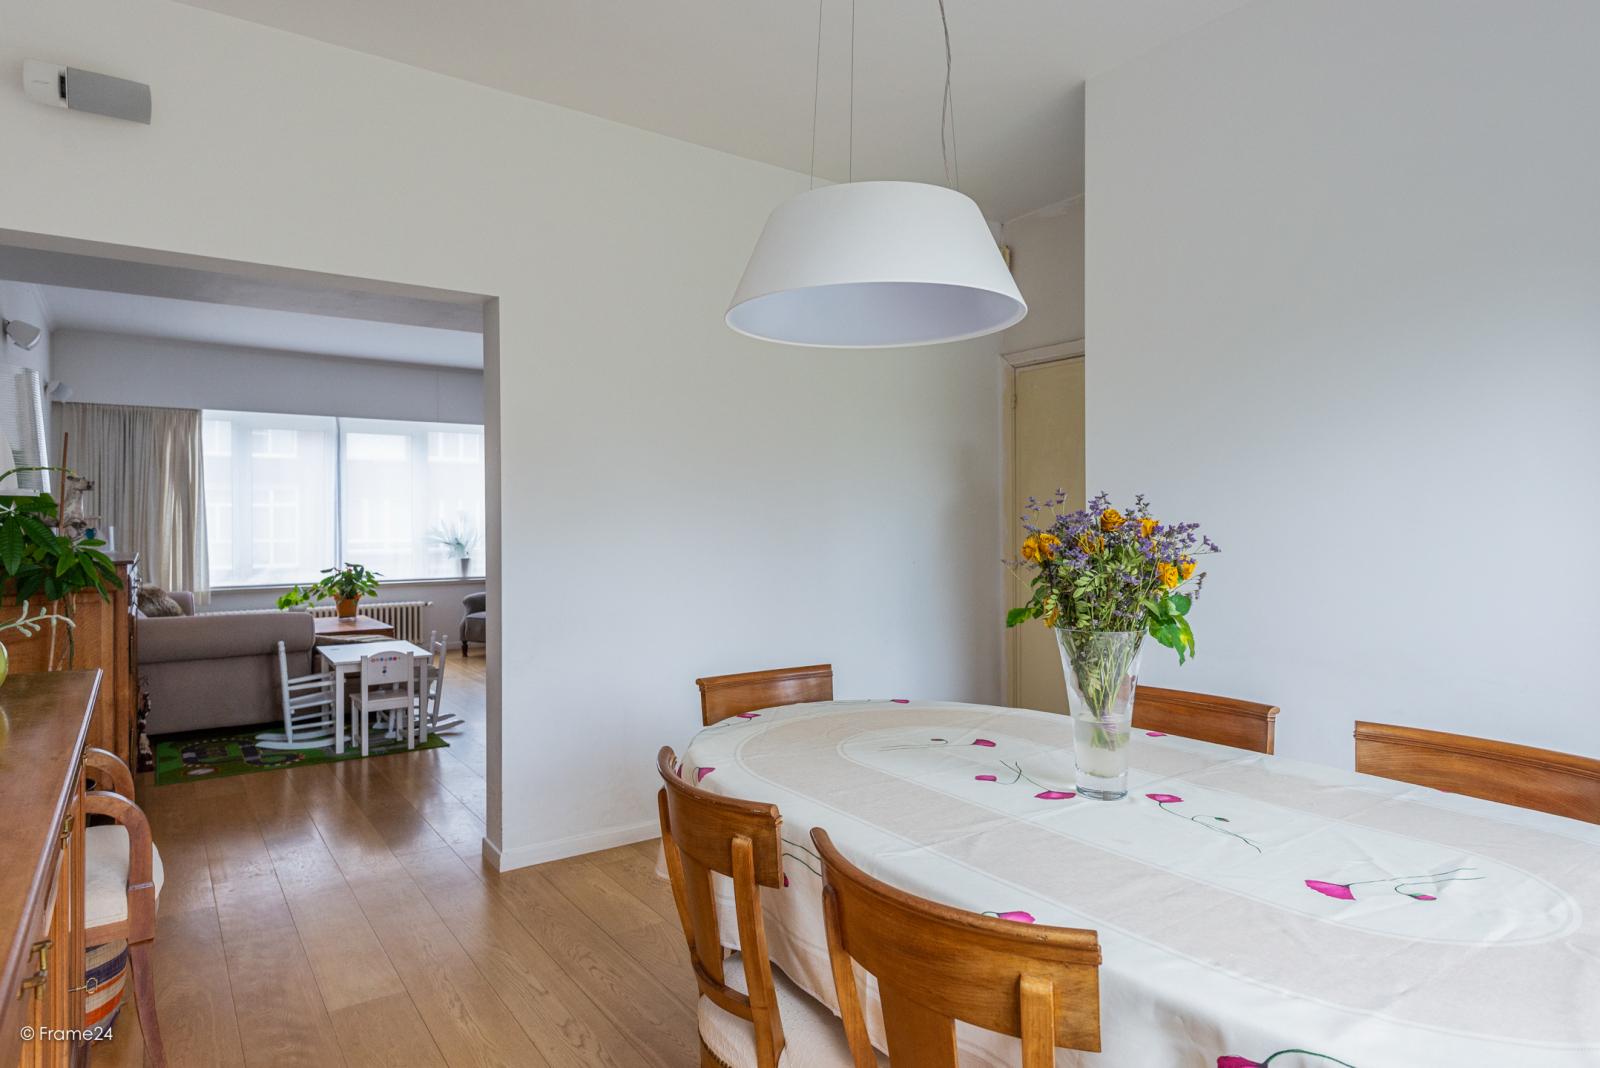 Zeer ruime en volledig instapklare bel-étagewoning met 4 slaapkamers te Wilrijk! afbeelding 8